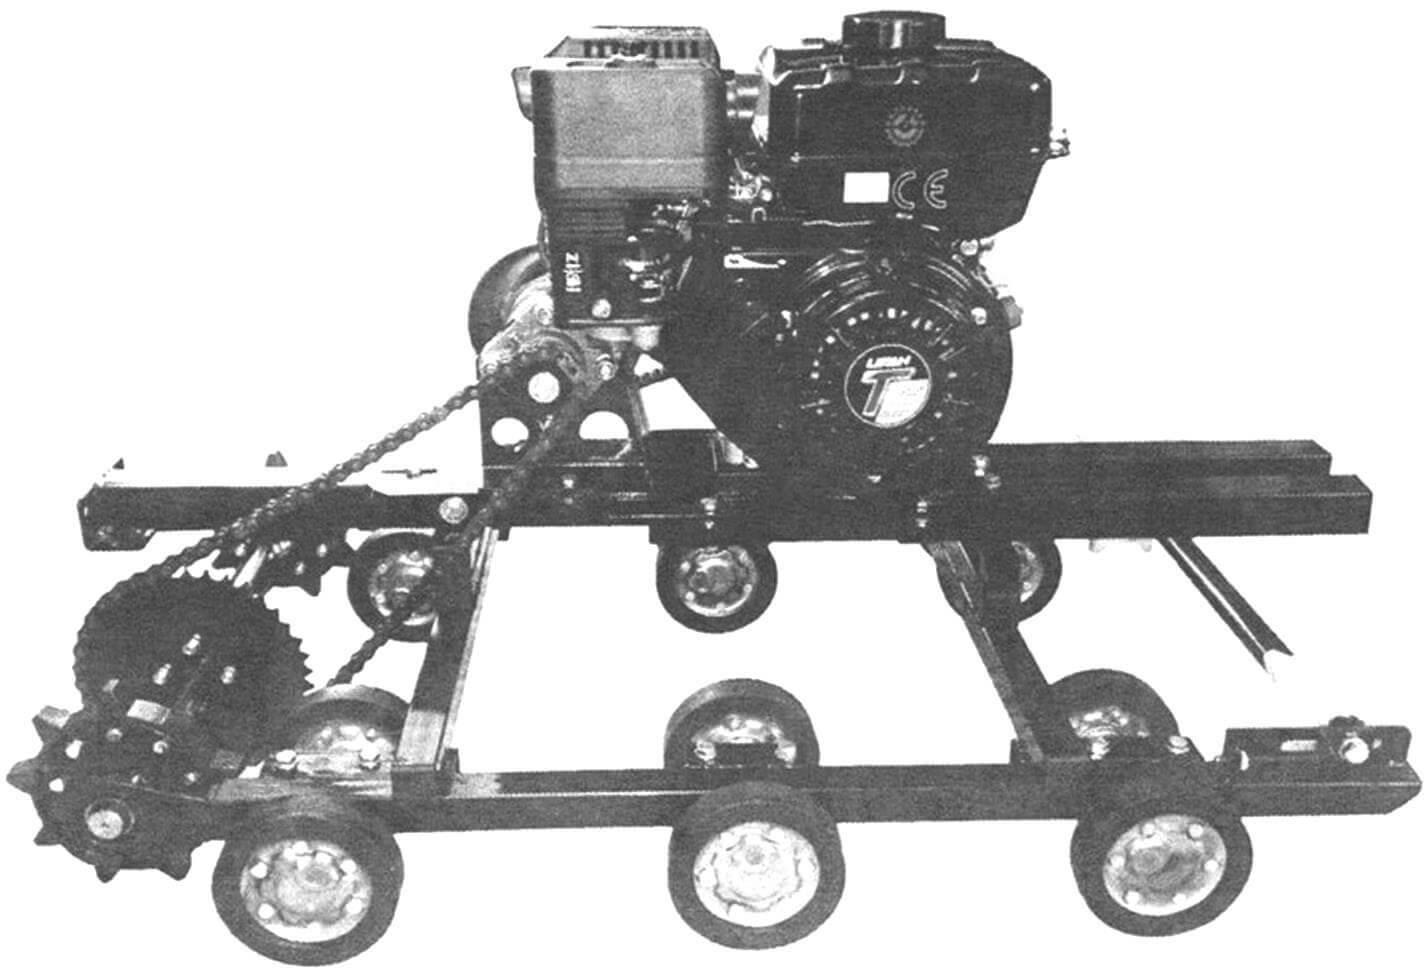 Моторно-гусеничный блок представляет собой самодельную раму, на которой крепятся готовые элементы заводского изготовления: двигатель, звездочки и опорные ролики от серийного снегохода